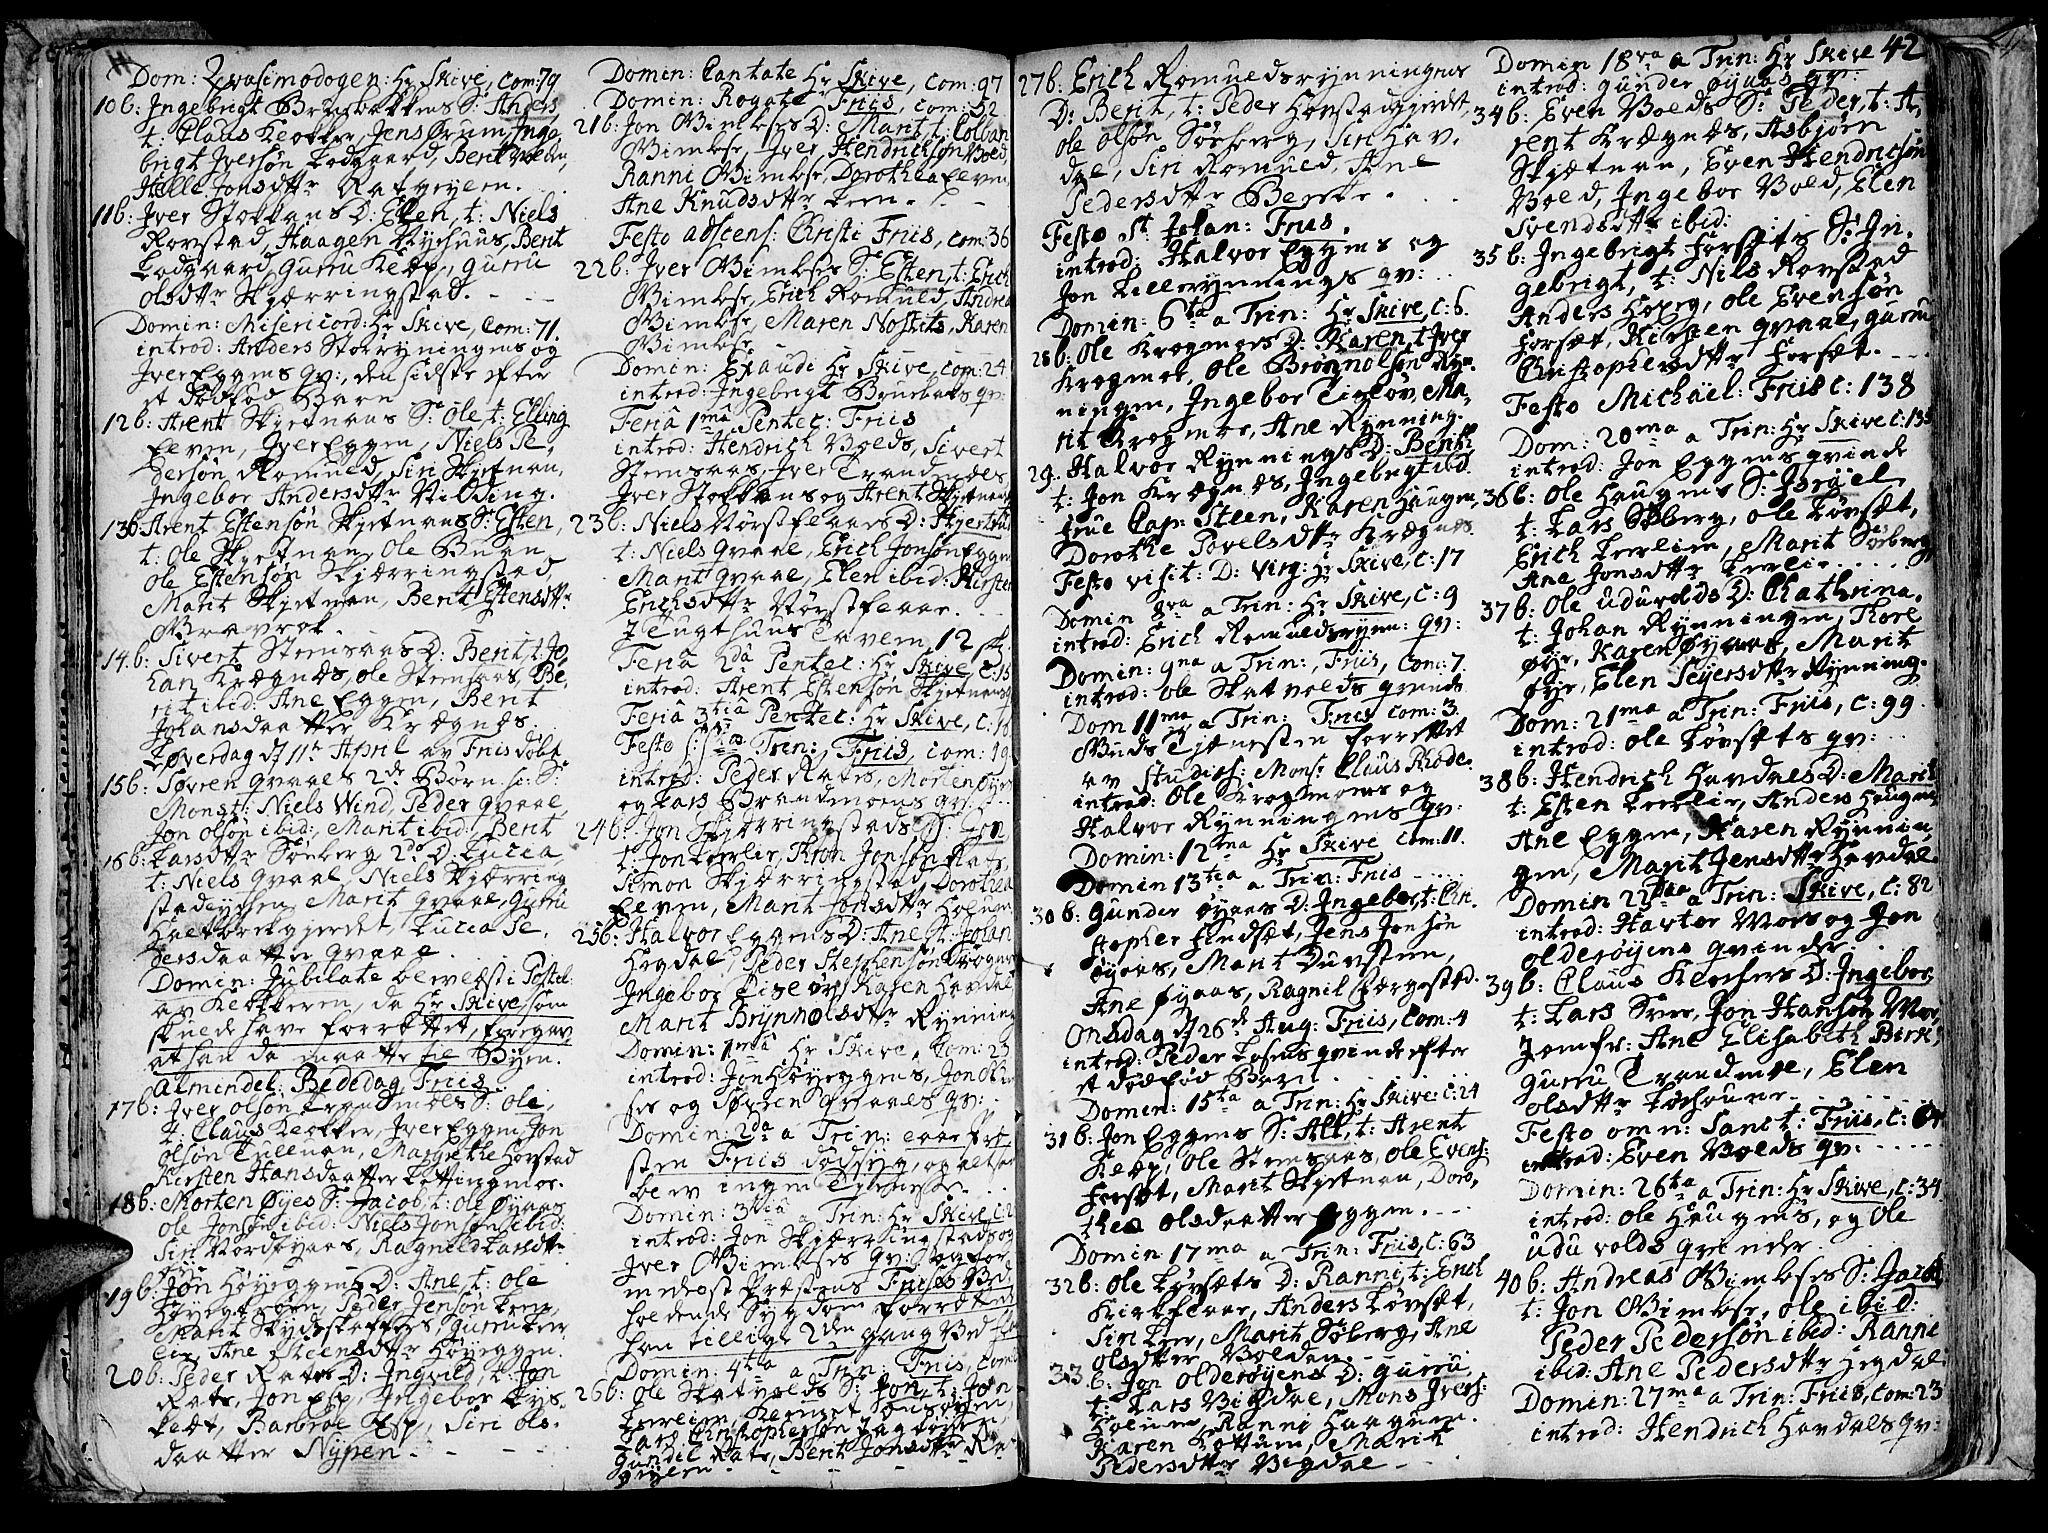 SAT, Ministerialprotokoller, klokkerbøker og fødselsregistre - Sør-Trøndelag, 691/L1057: Ministerialbok nr. 691A01 /1, 1740-1767, s. 42